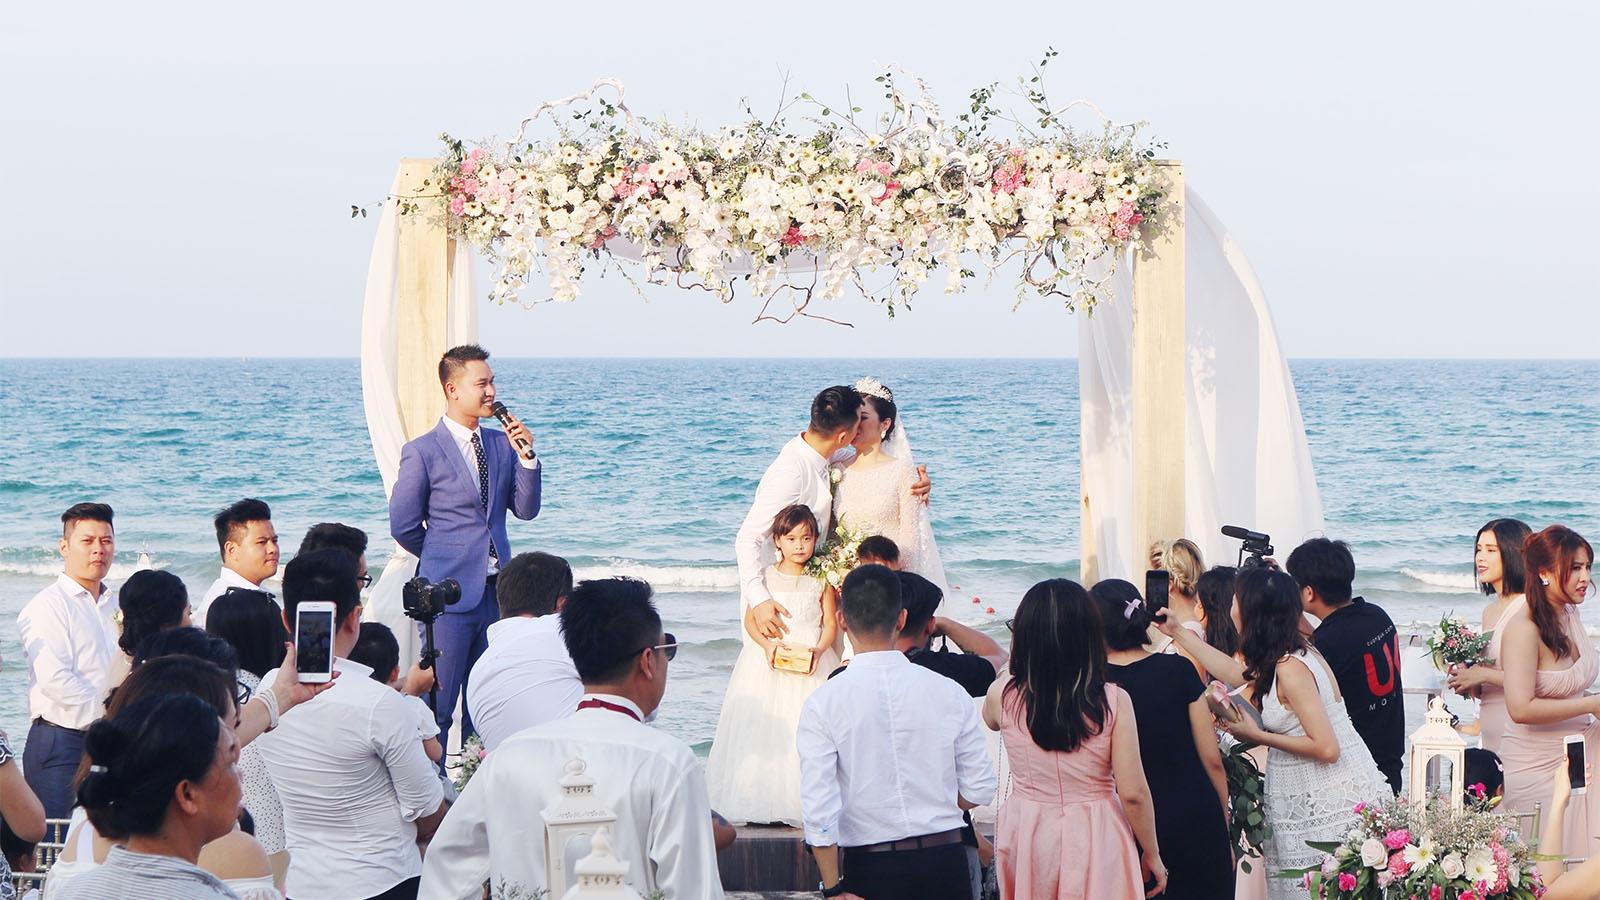 Premier Village Danang Resort Managed By AccorHotels - Nơi tổ chức đám cưới xa hoa bậc nhất Việt Nam